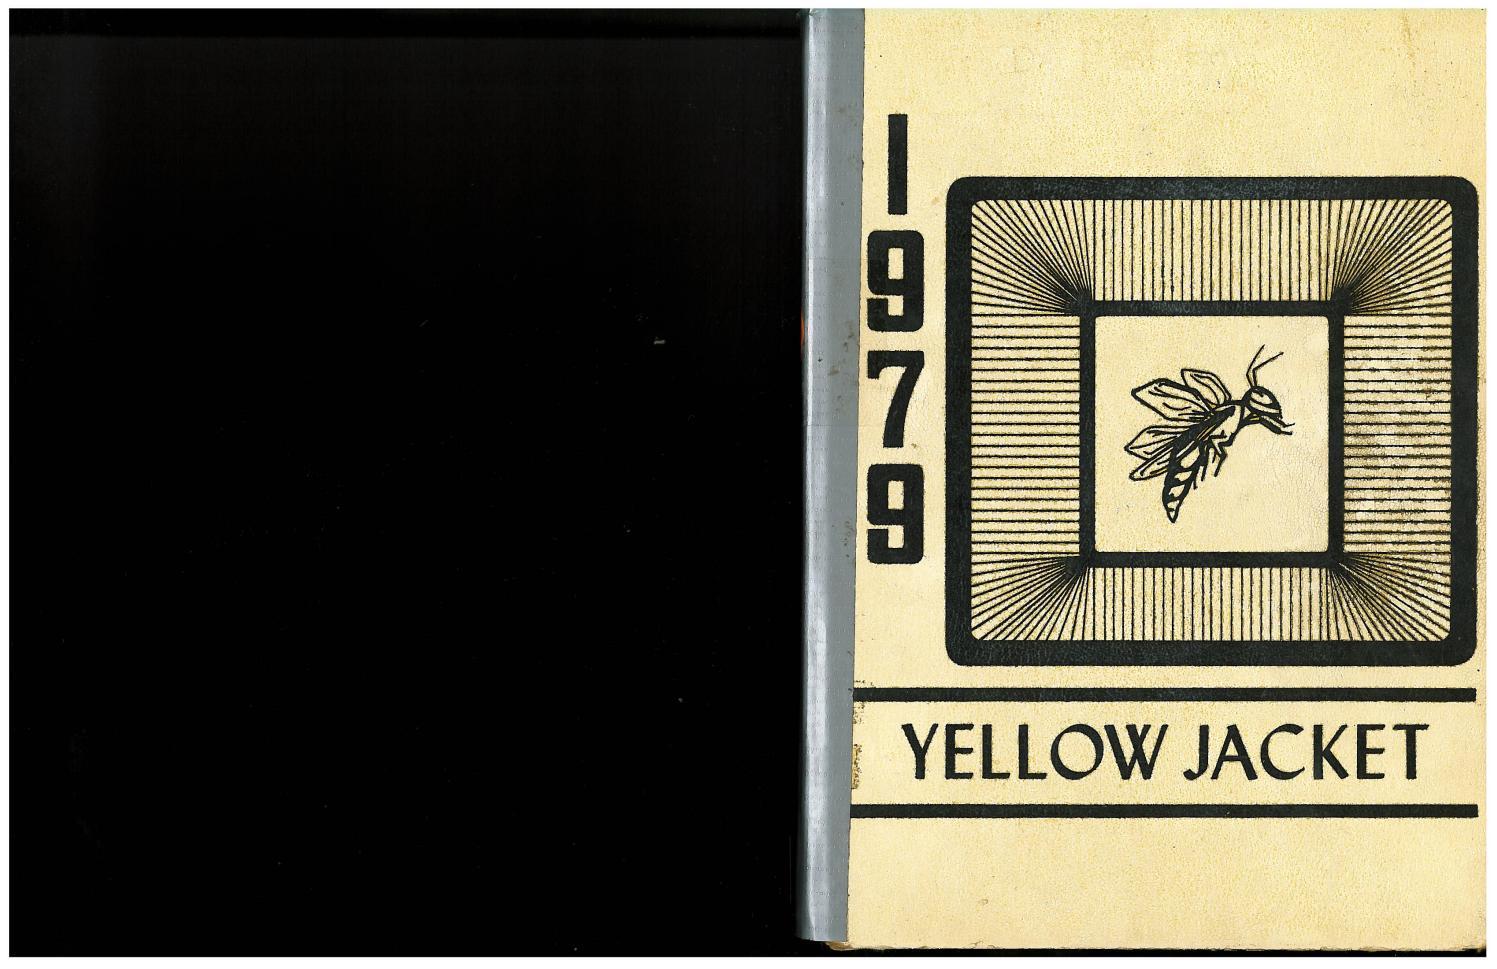 Mhs 1979